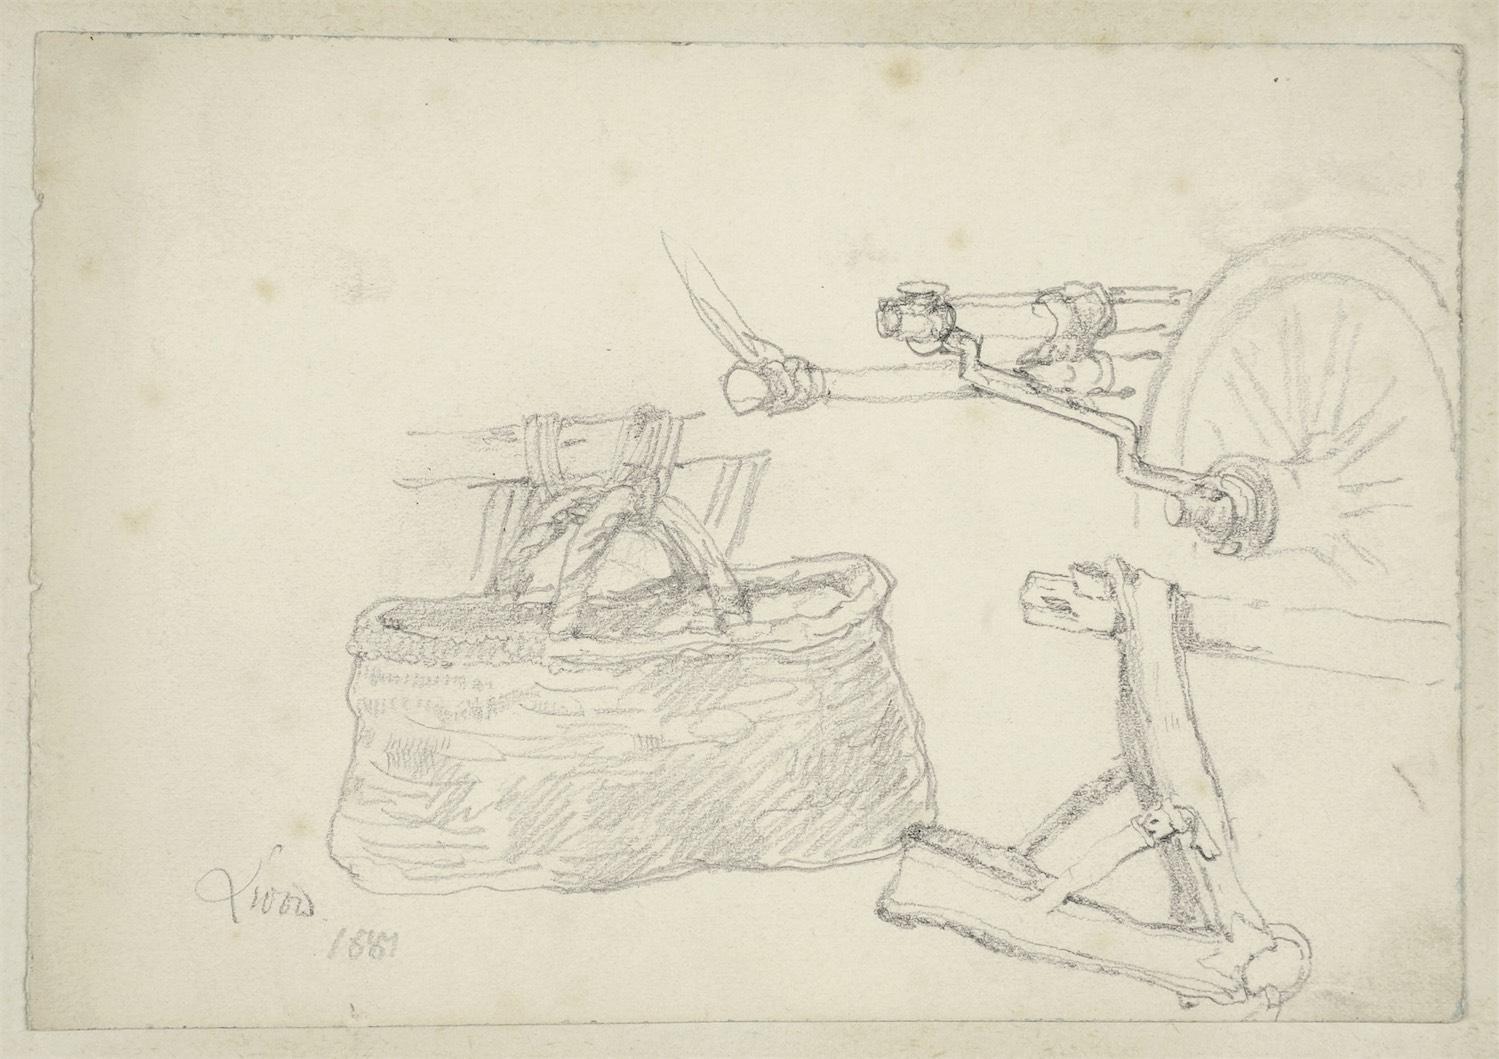 Szkice uprzęży i kosza, 1884